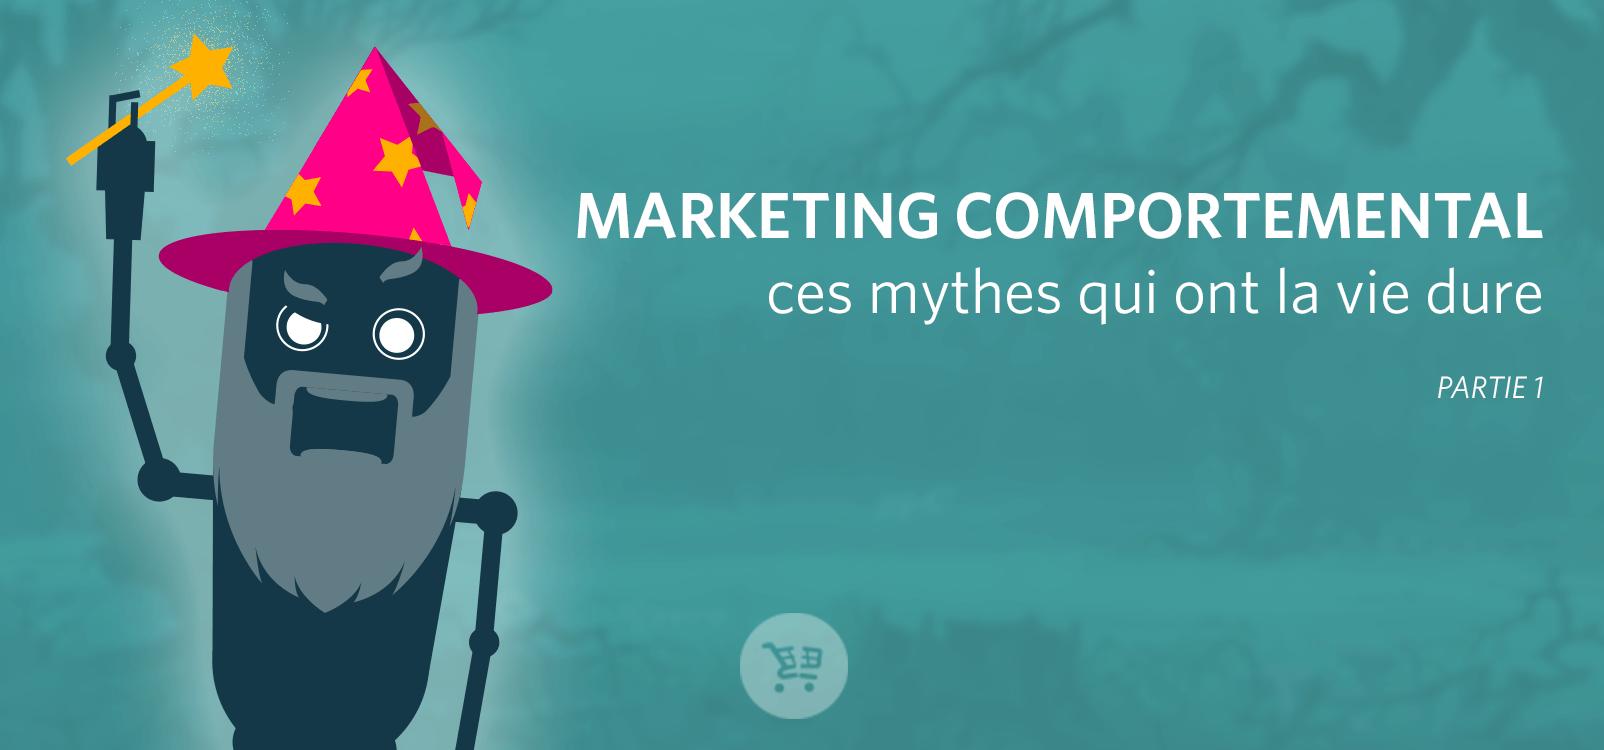 Marketing Comportemental : faisons la chasse aux idées reçues ! (1/2)